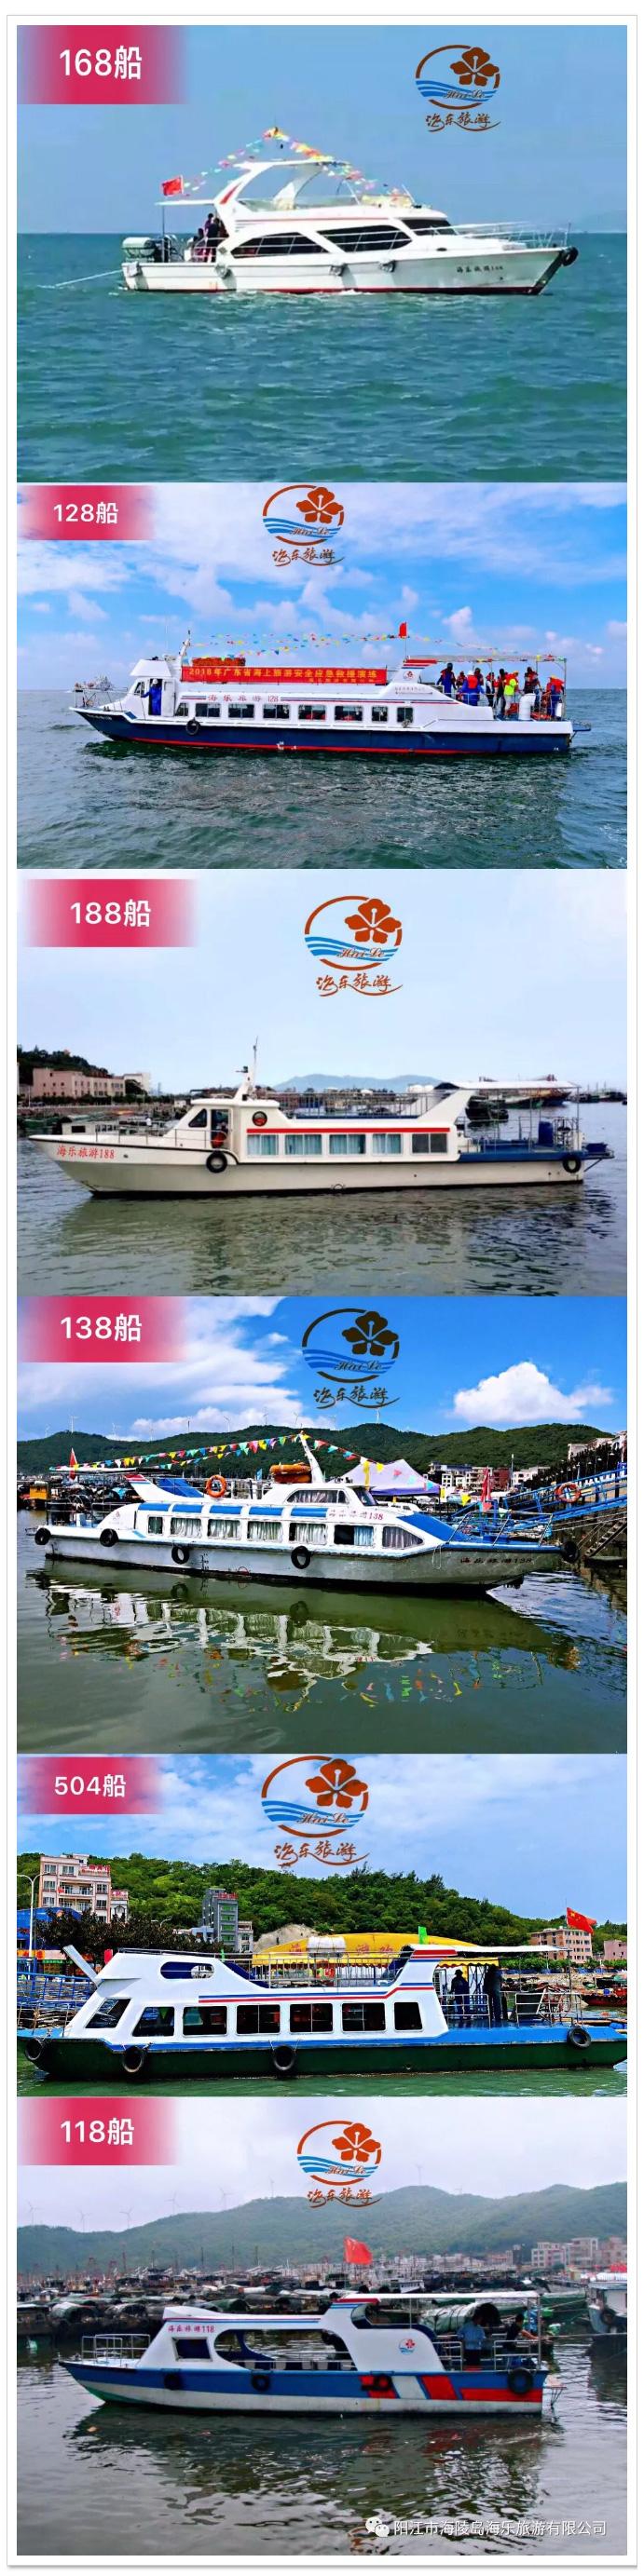 廣東省首個休閑漁業示范點—海樂旅游公司_02.jpg